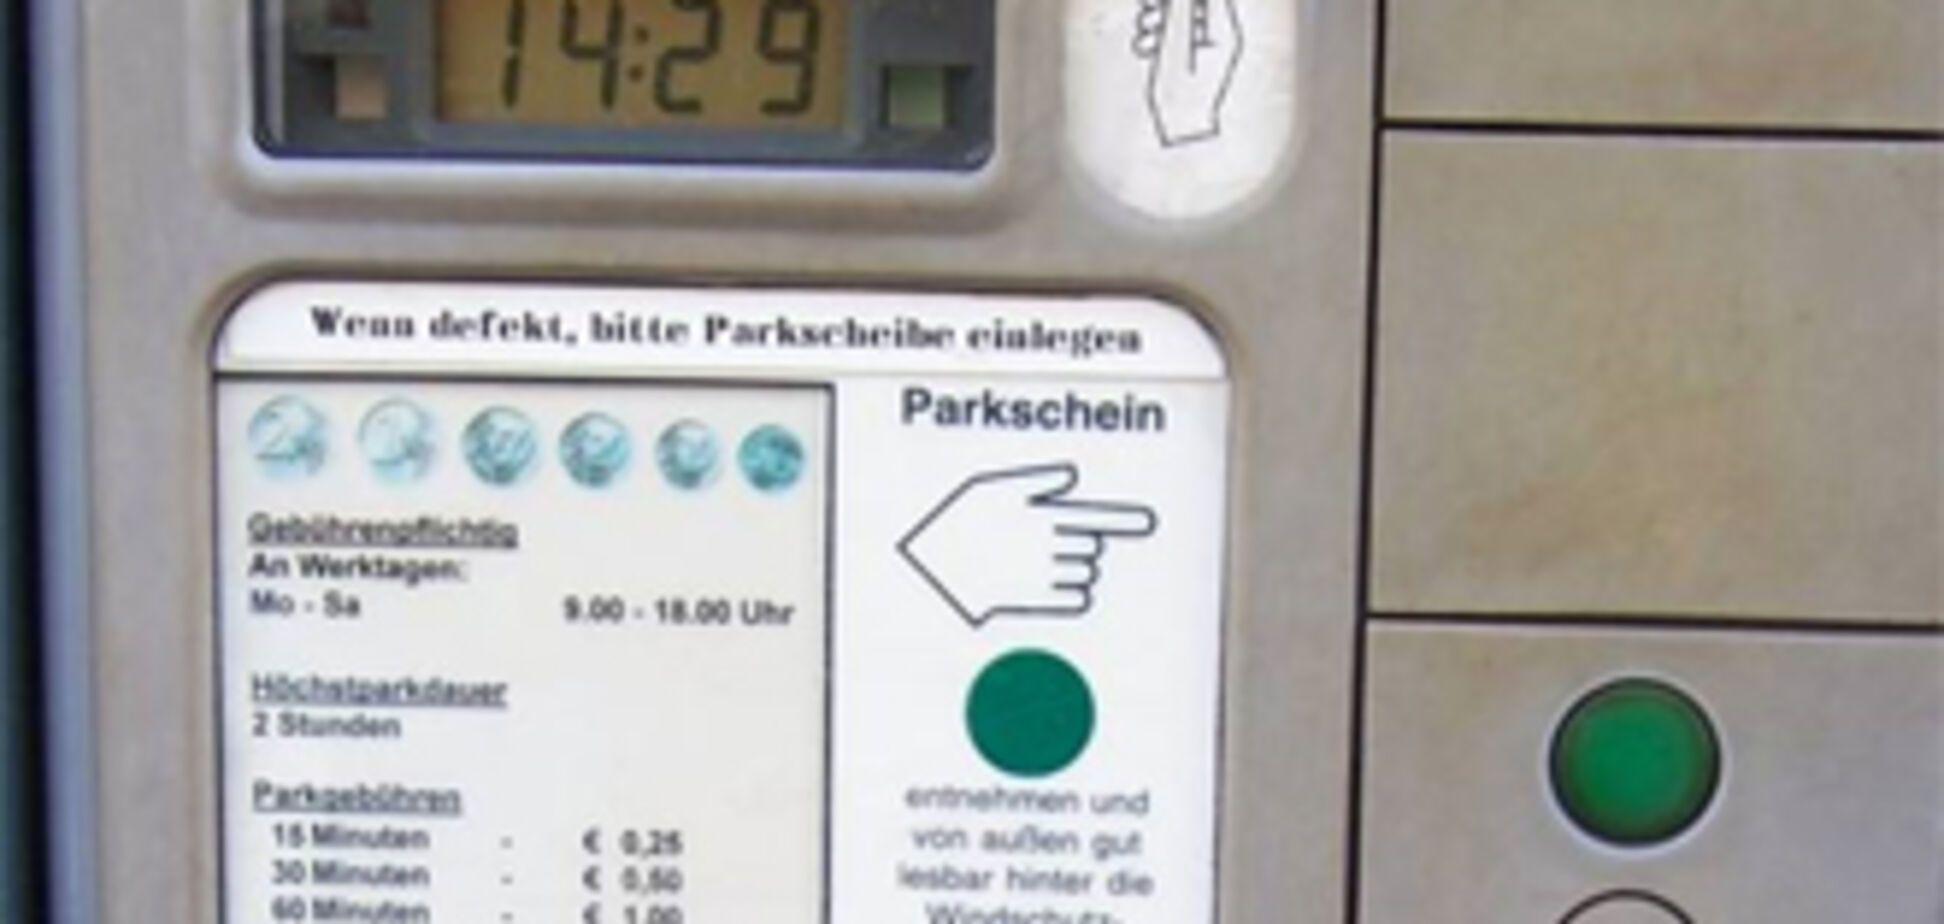 Держслужбовець очистив автомат для парковки на € 135 000